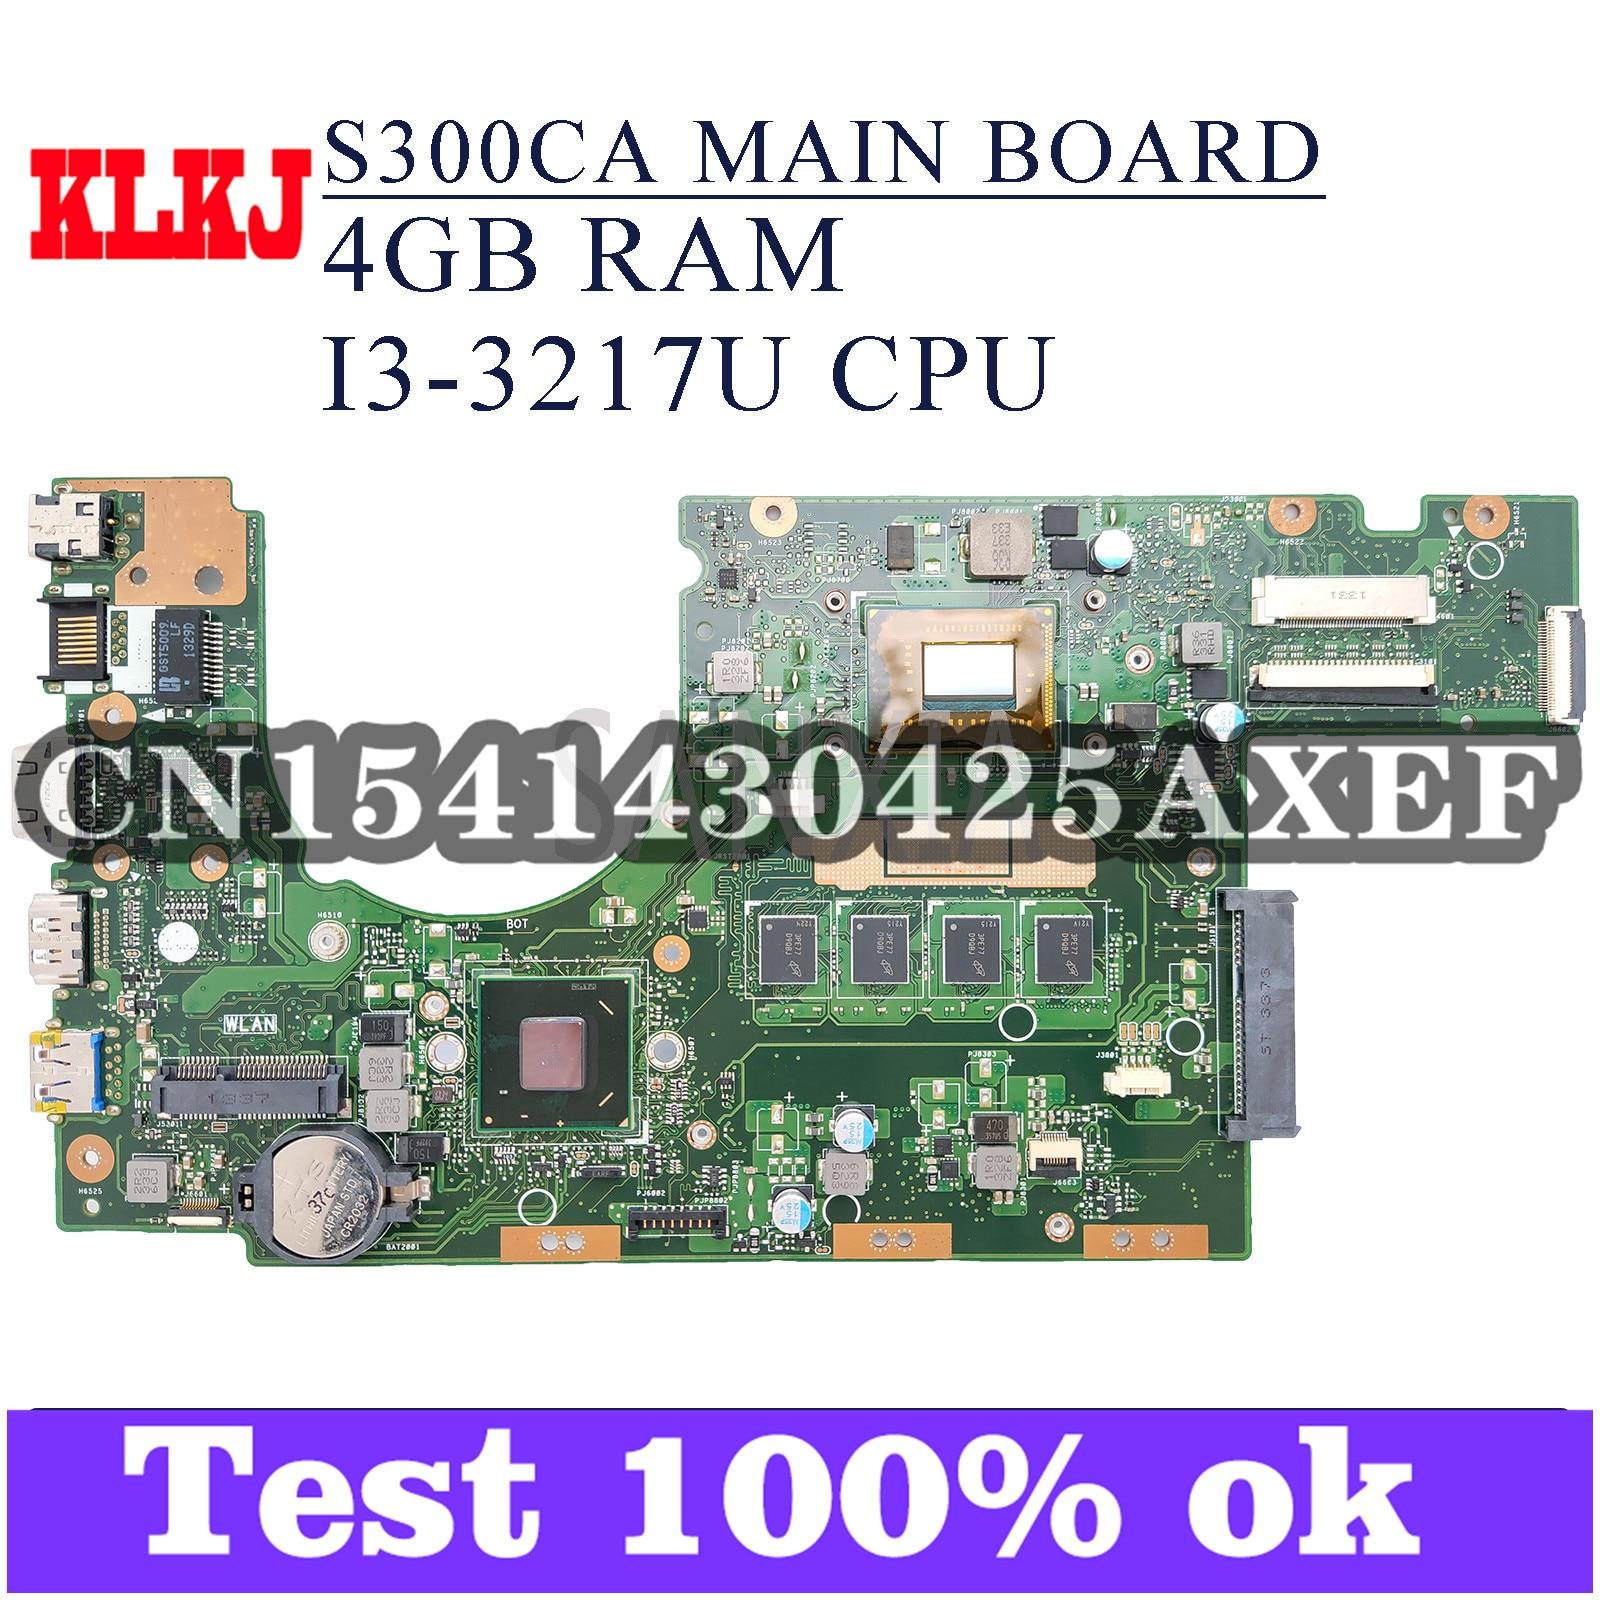 KLKJ S300CA اللوحة الأم لأجهزة الكمبيوتر المحمول ASUS VivoBook S300CA S300C اللوحة الرئيسية الأصلية 4GB-RAM I3-3217U